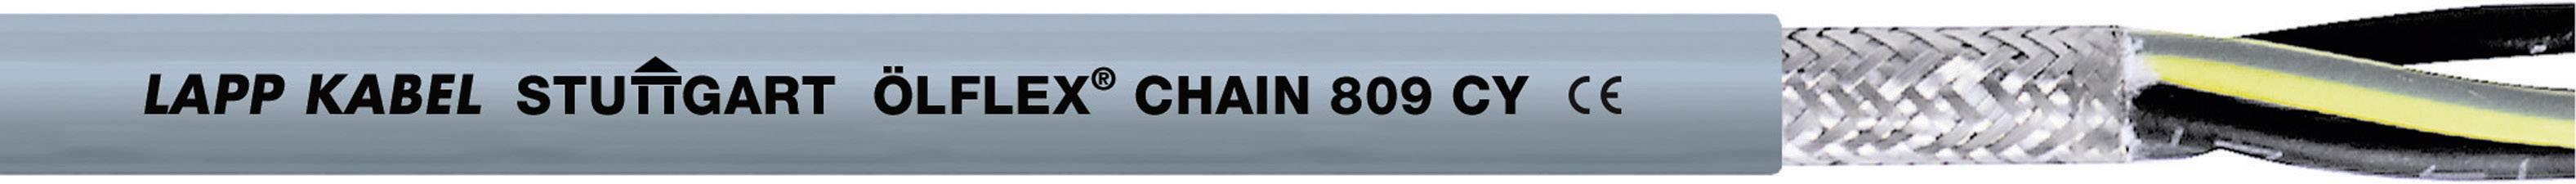 Žíla kabelu LappKabel ÖLFLEX CHAIN 809 CY 4G1,5 (1026777), 4x 1,5 mm², PVC, Ø 8,4 mm, stíněný, 50 m, šedá